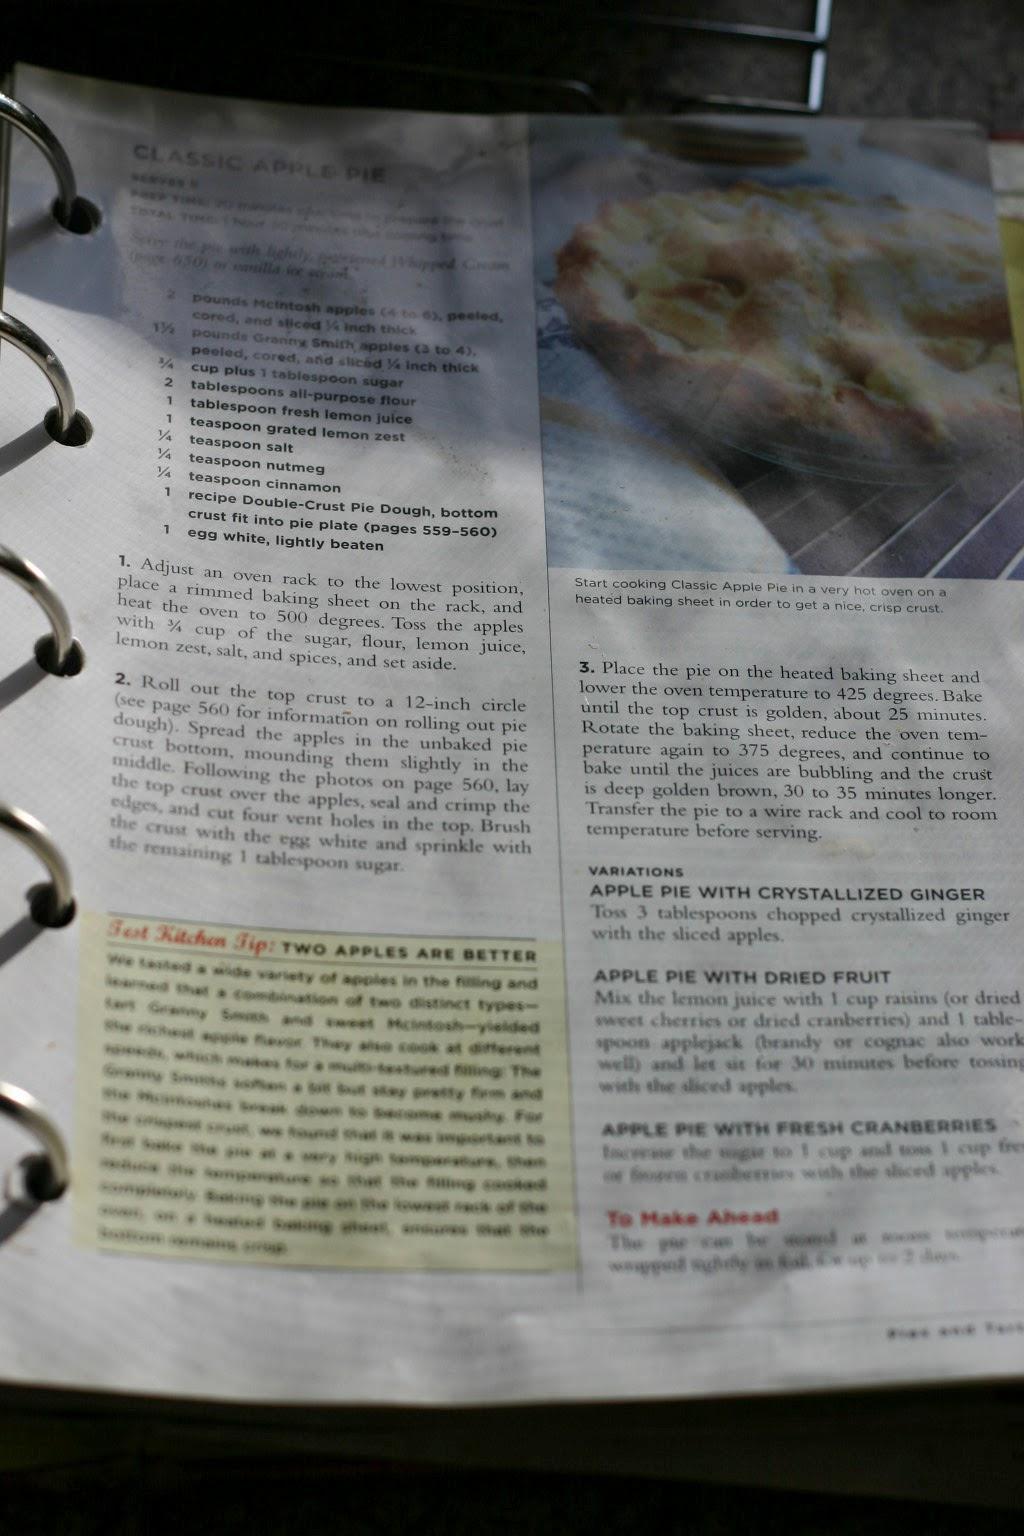 americas test kitchen apple pie - Americas Test Kitchen Apple Pie